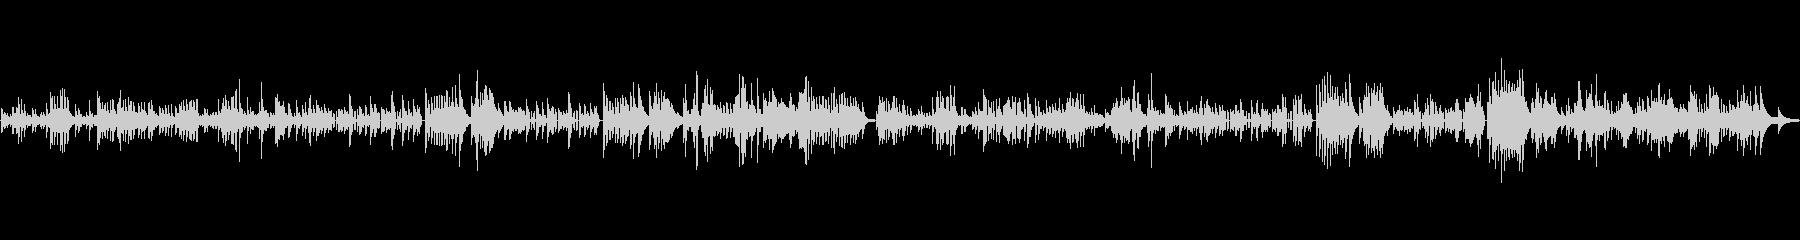 モーツァルト ソナタ KV332 2楽章の未再生の波形